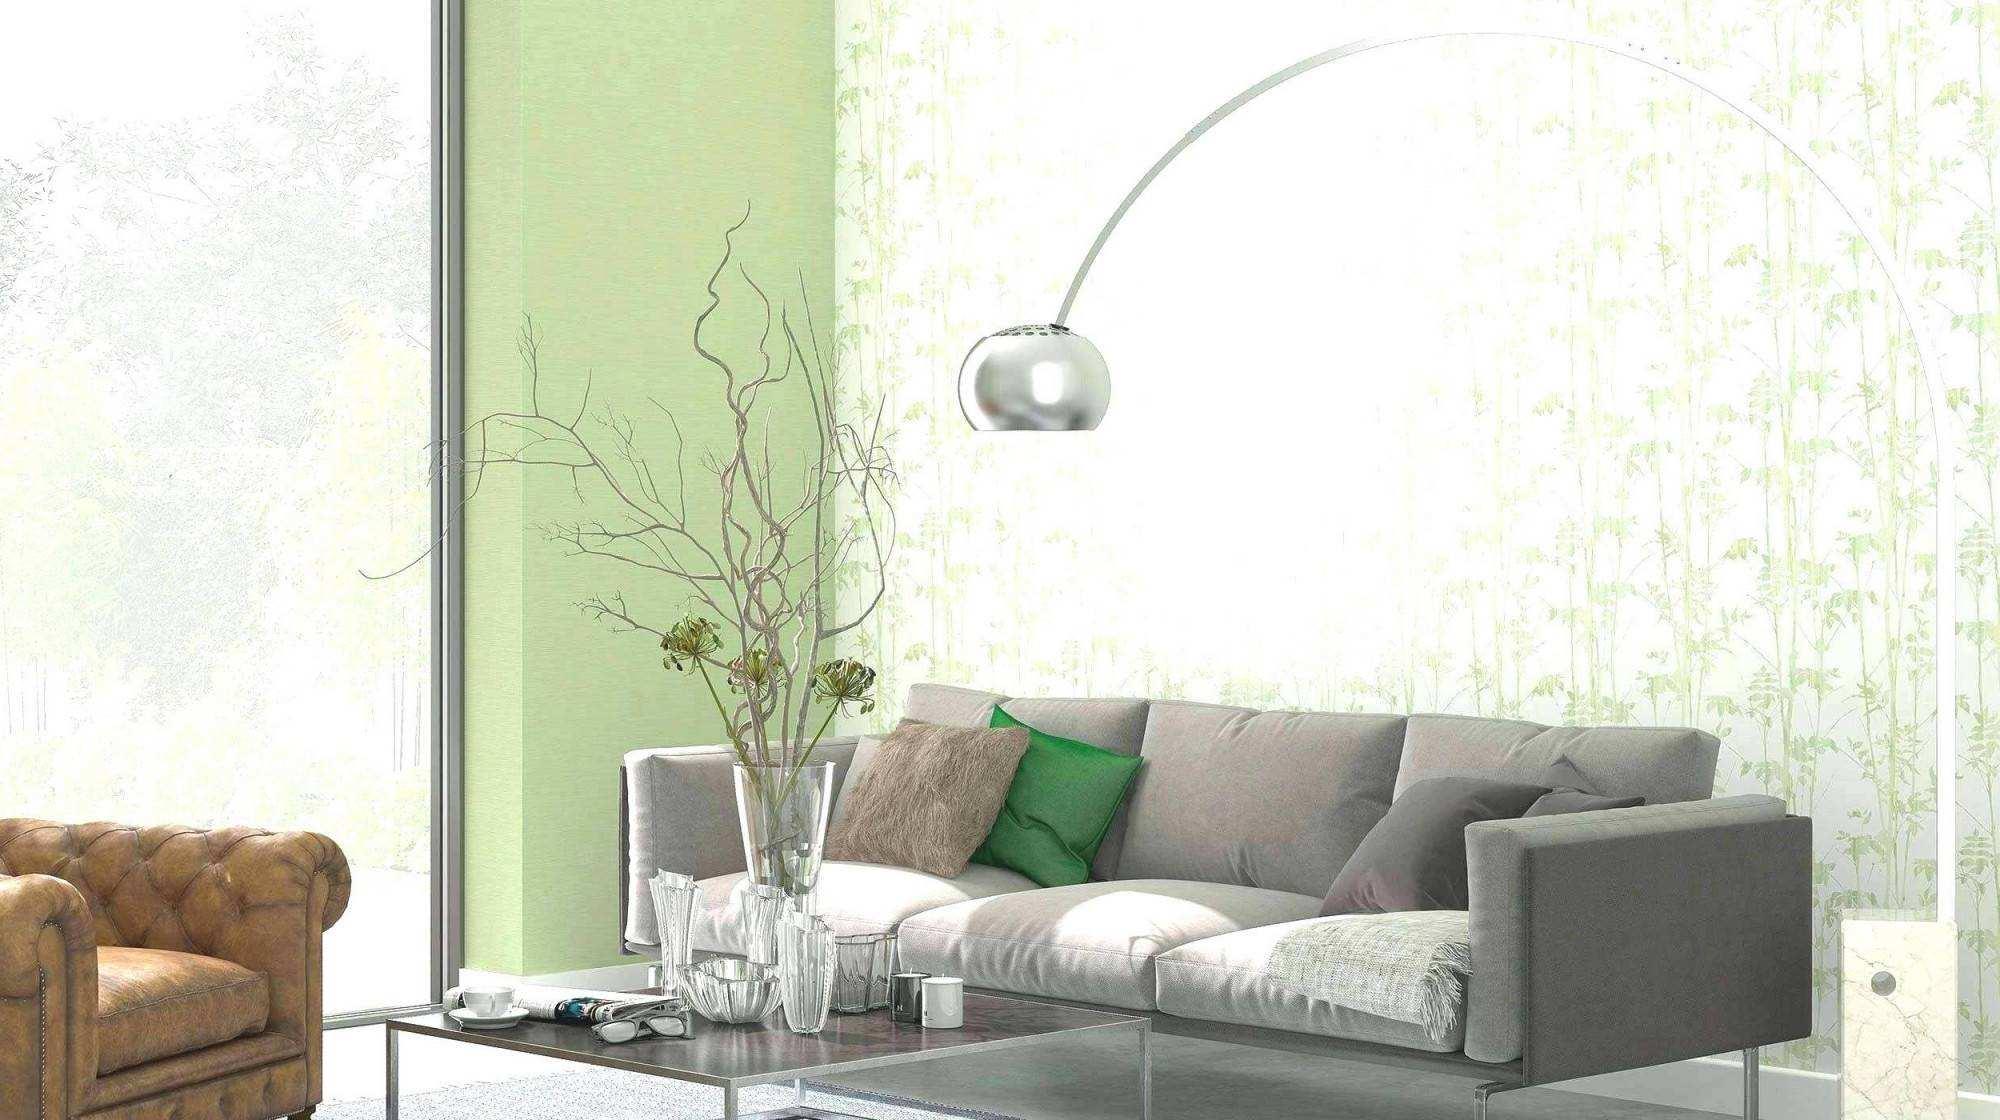 tapeten auf rechnung luxus inspirierend wohnzimmer deko tapete konzept of tapeten auf rechnung